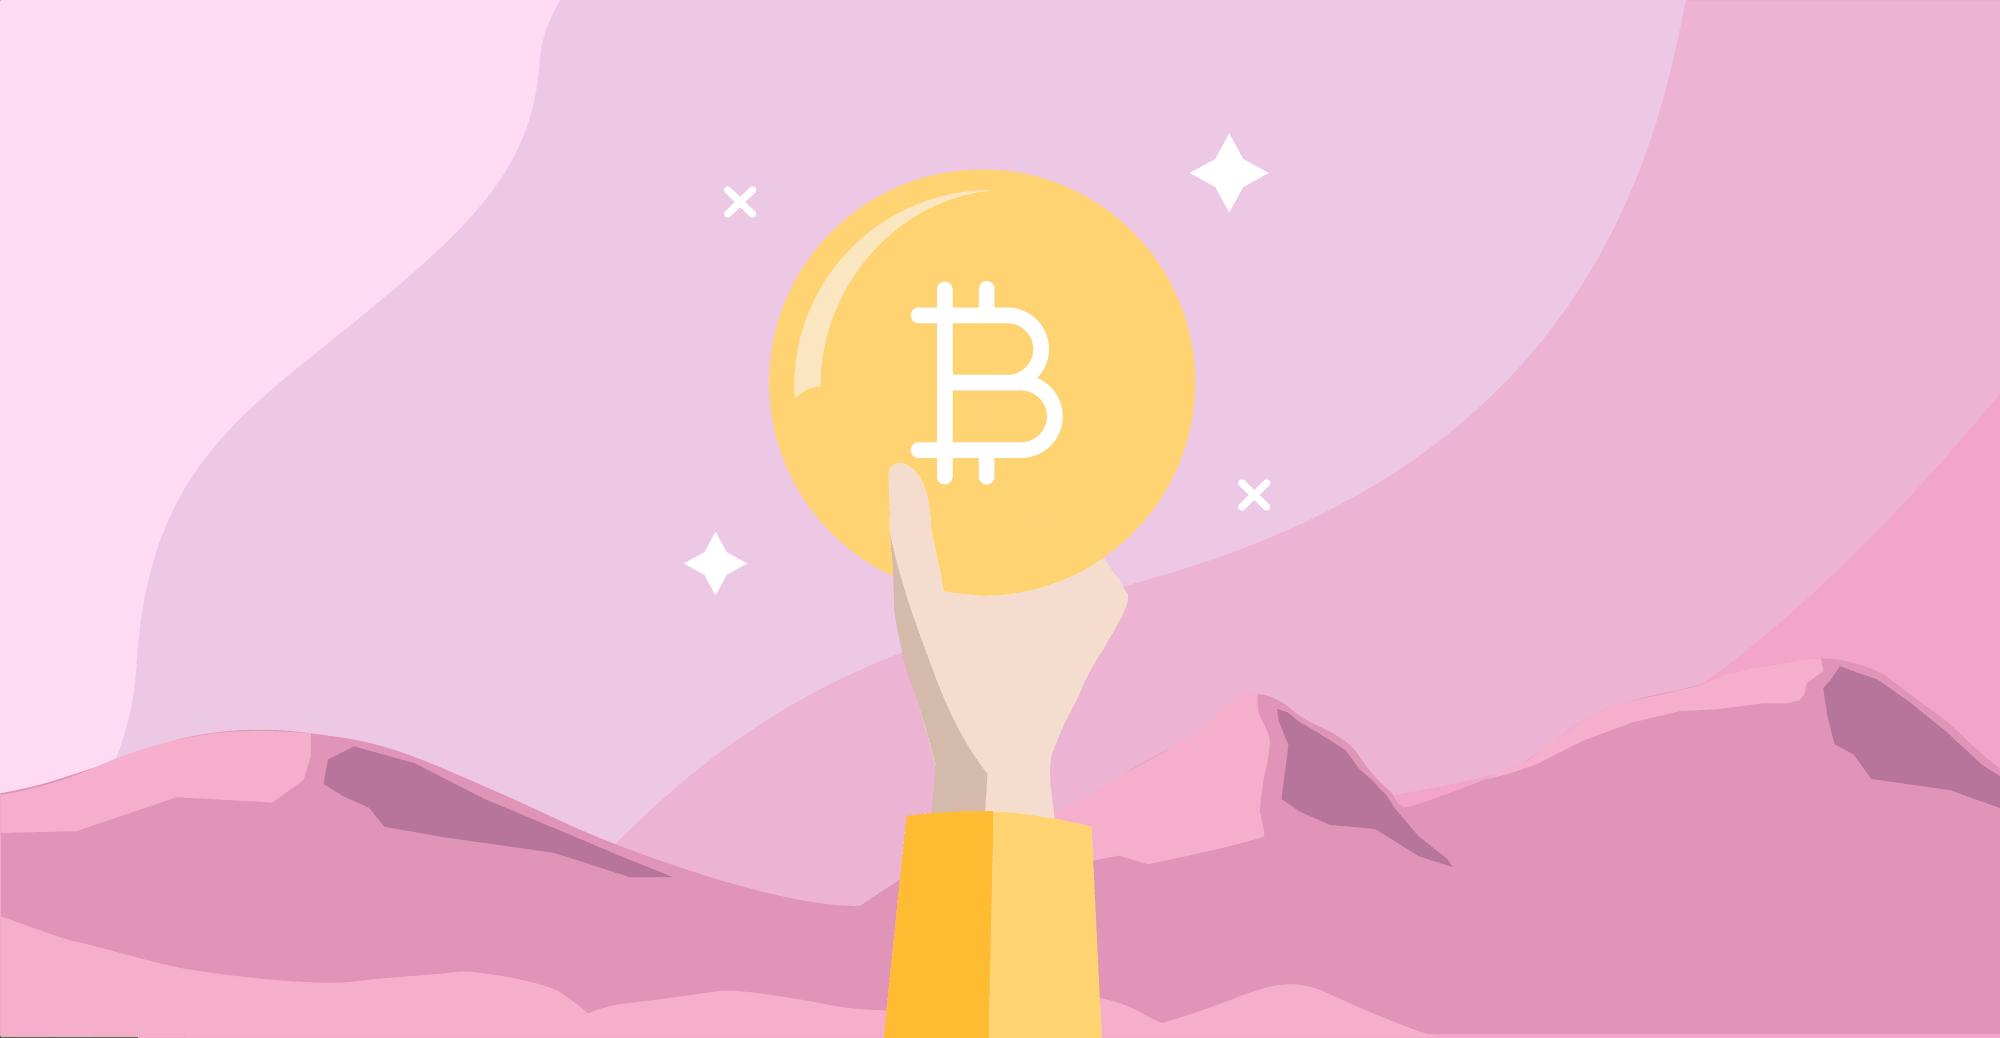 O que é Bitcoin? A primeira criptomoeda lançada